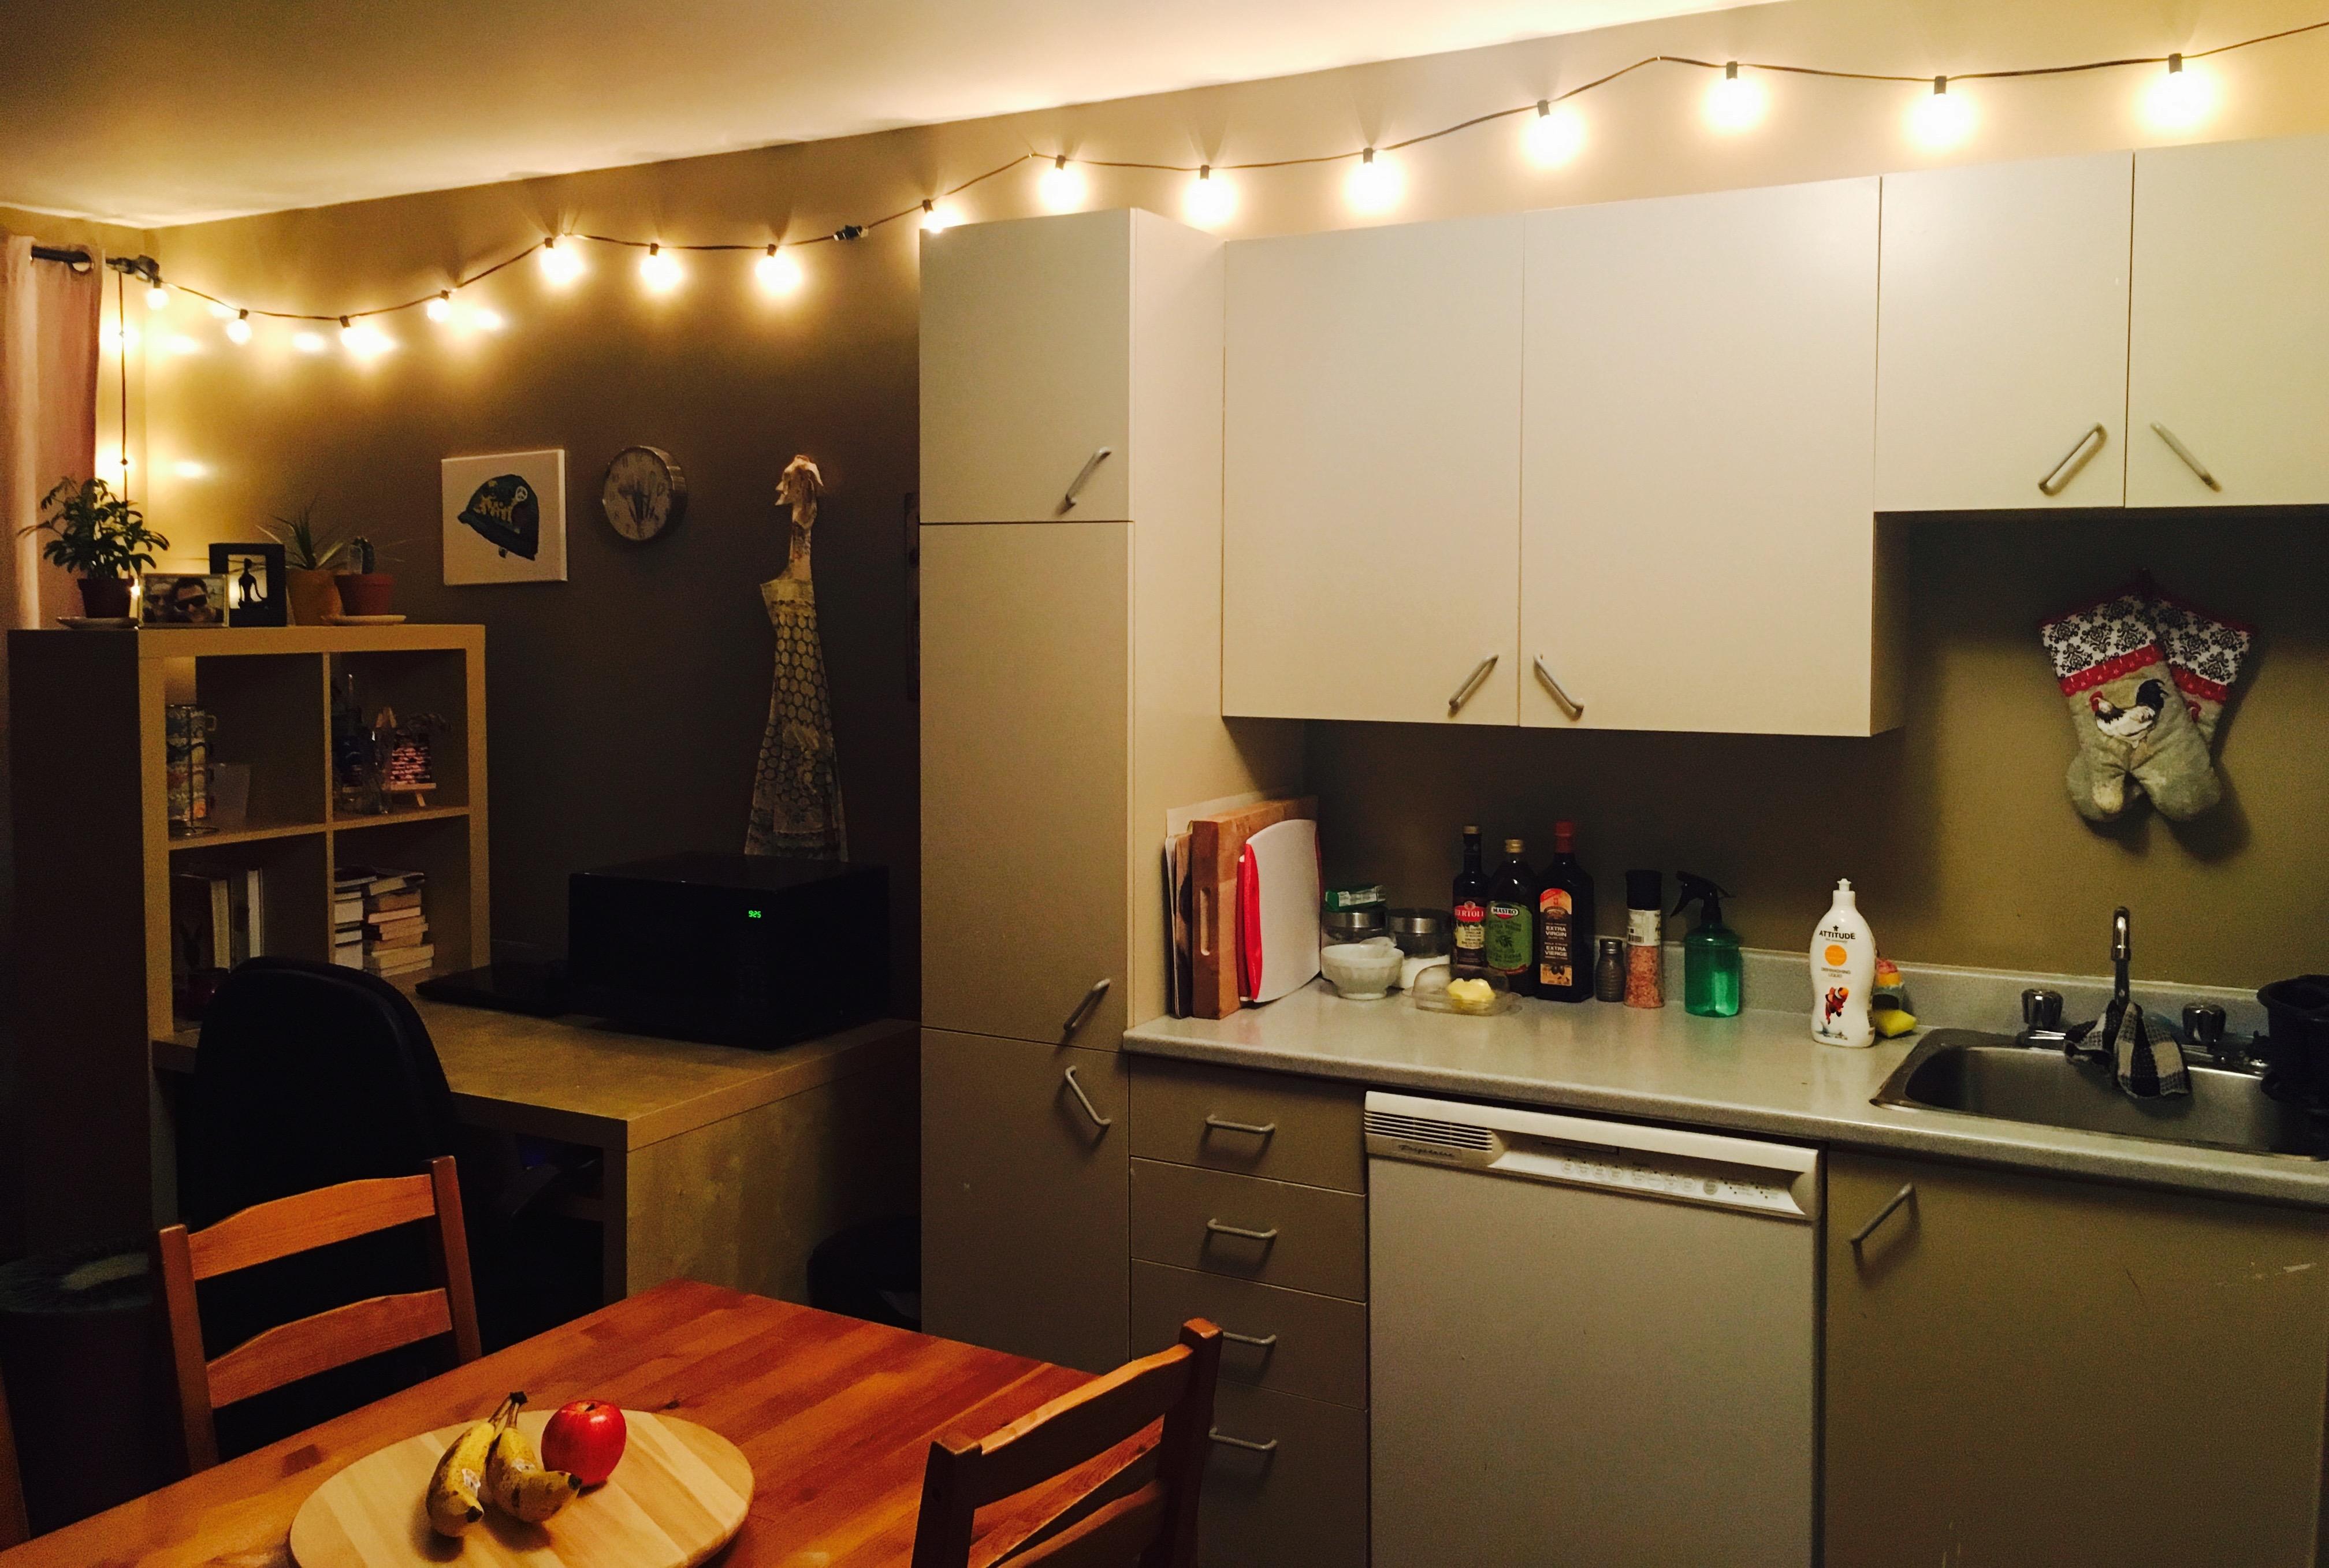 String lights hung along kitchen walls